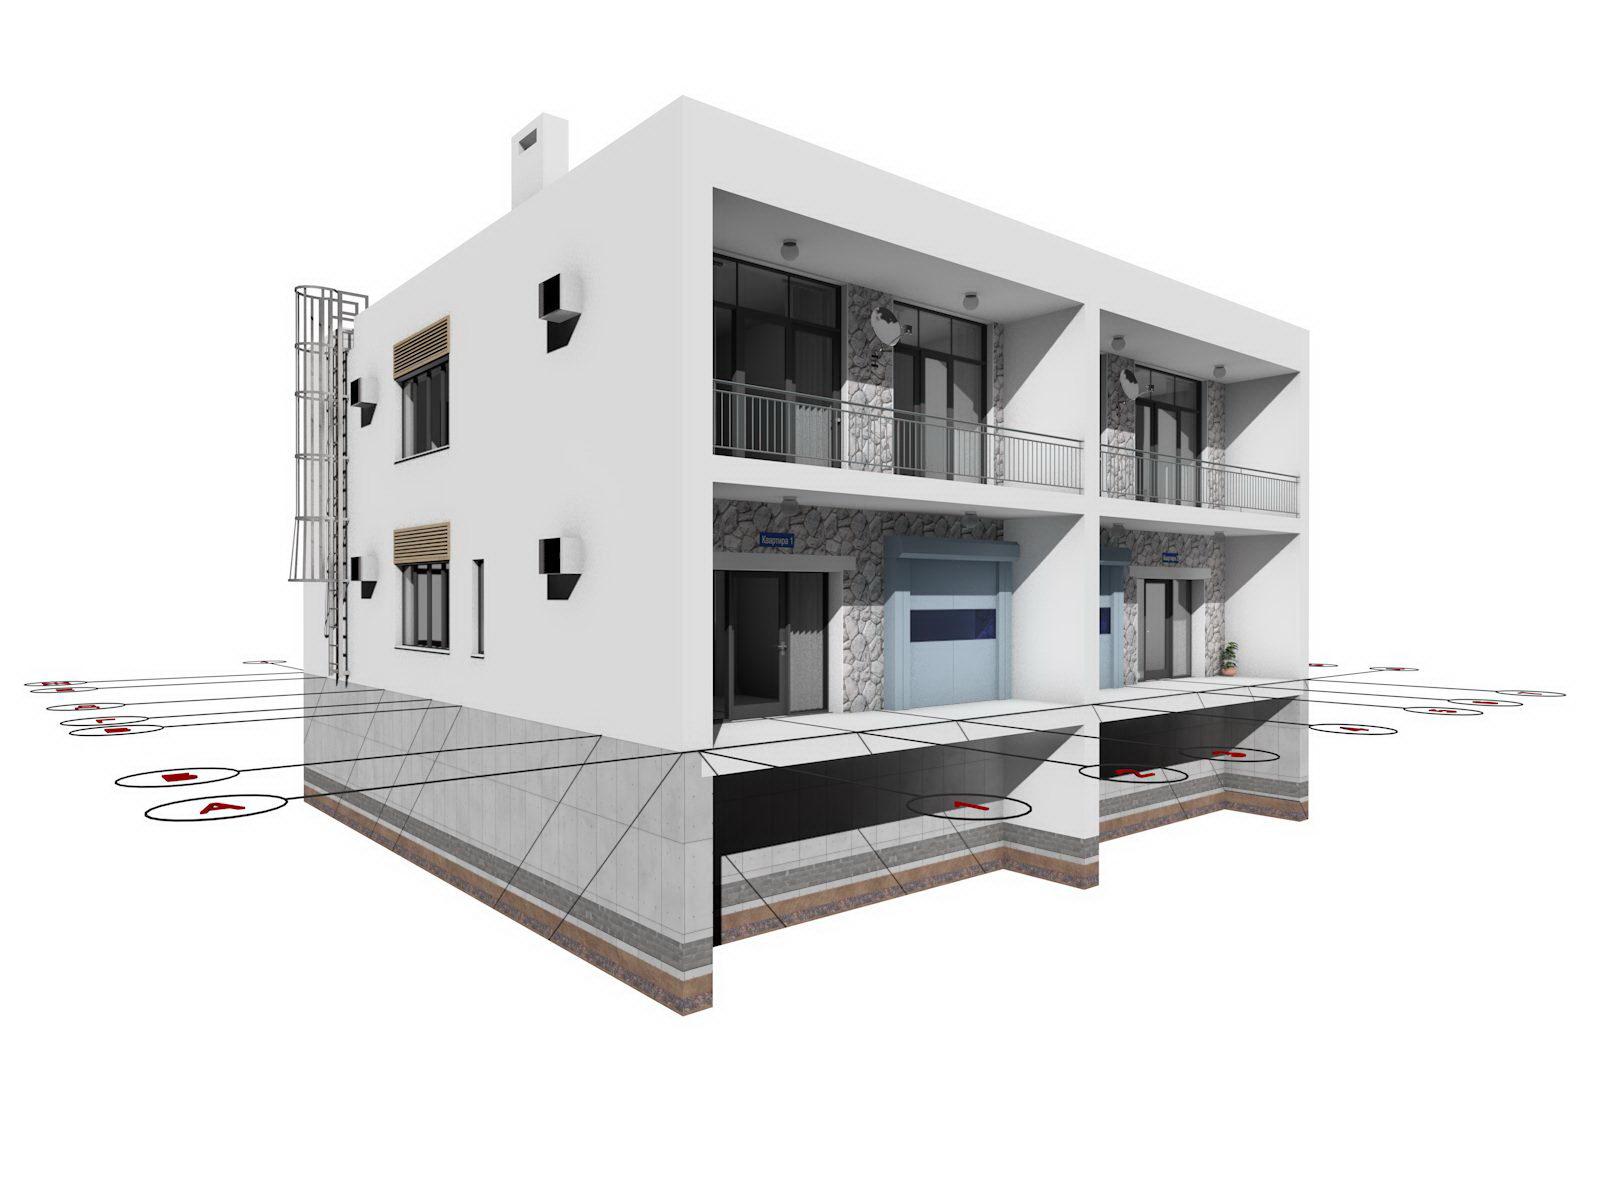 схема пятиэтажного дома одноподъездного